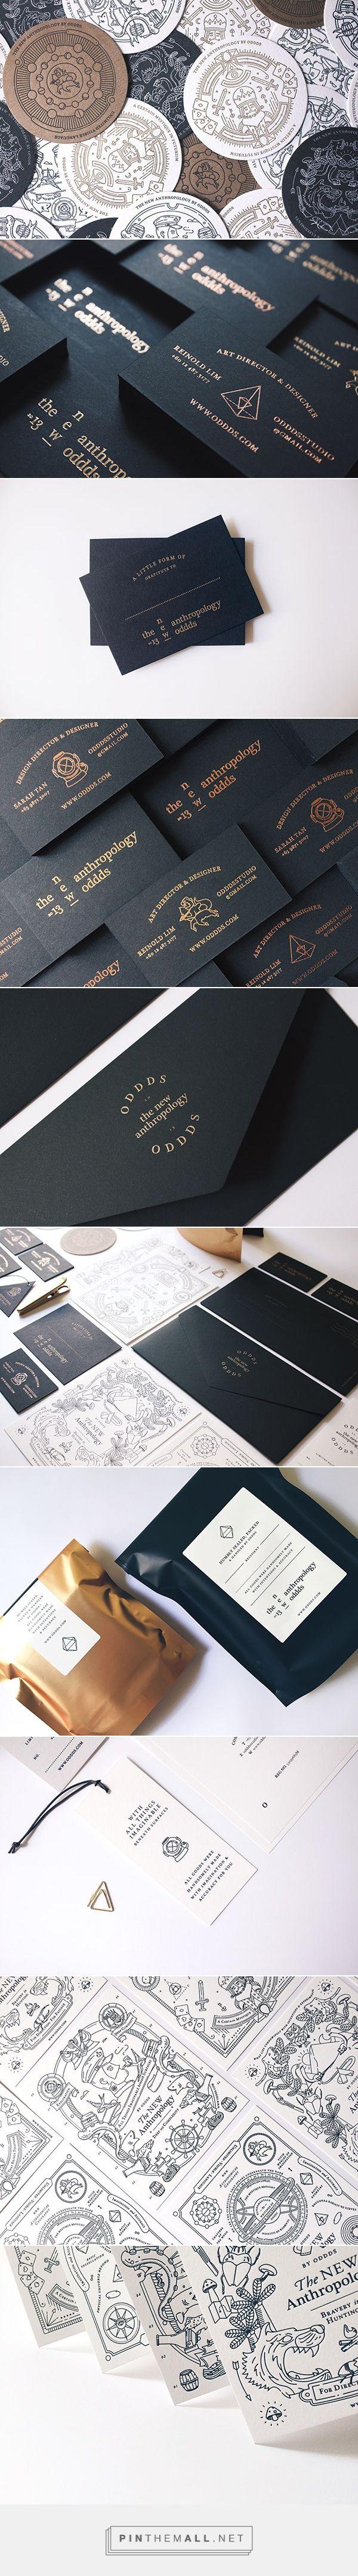 #design